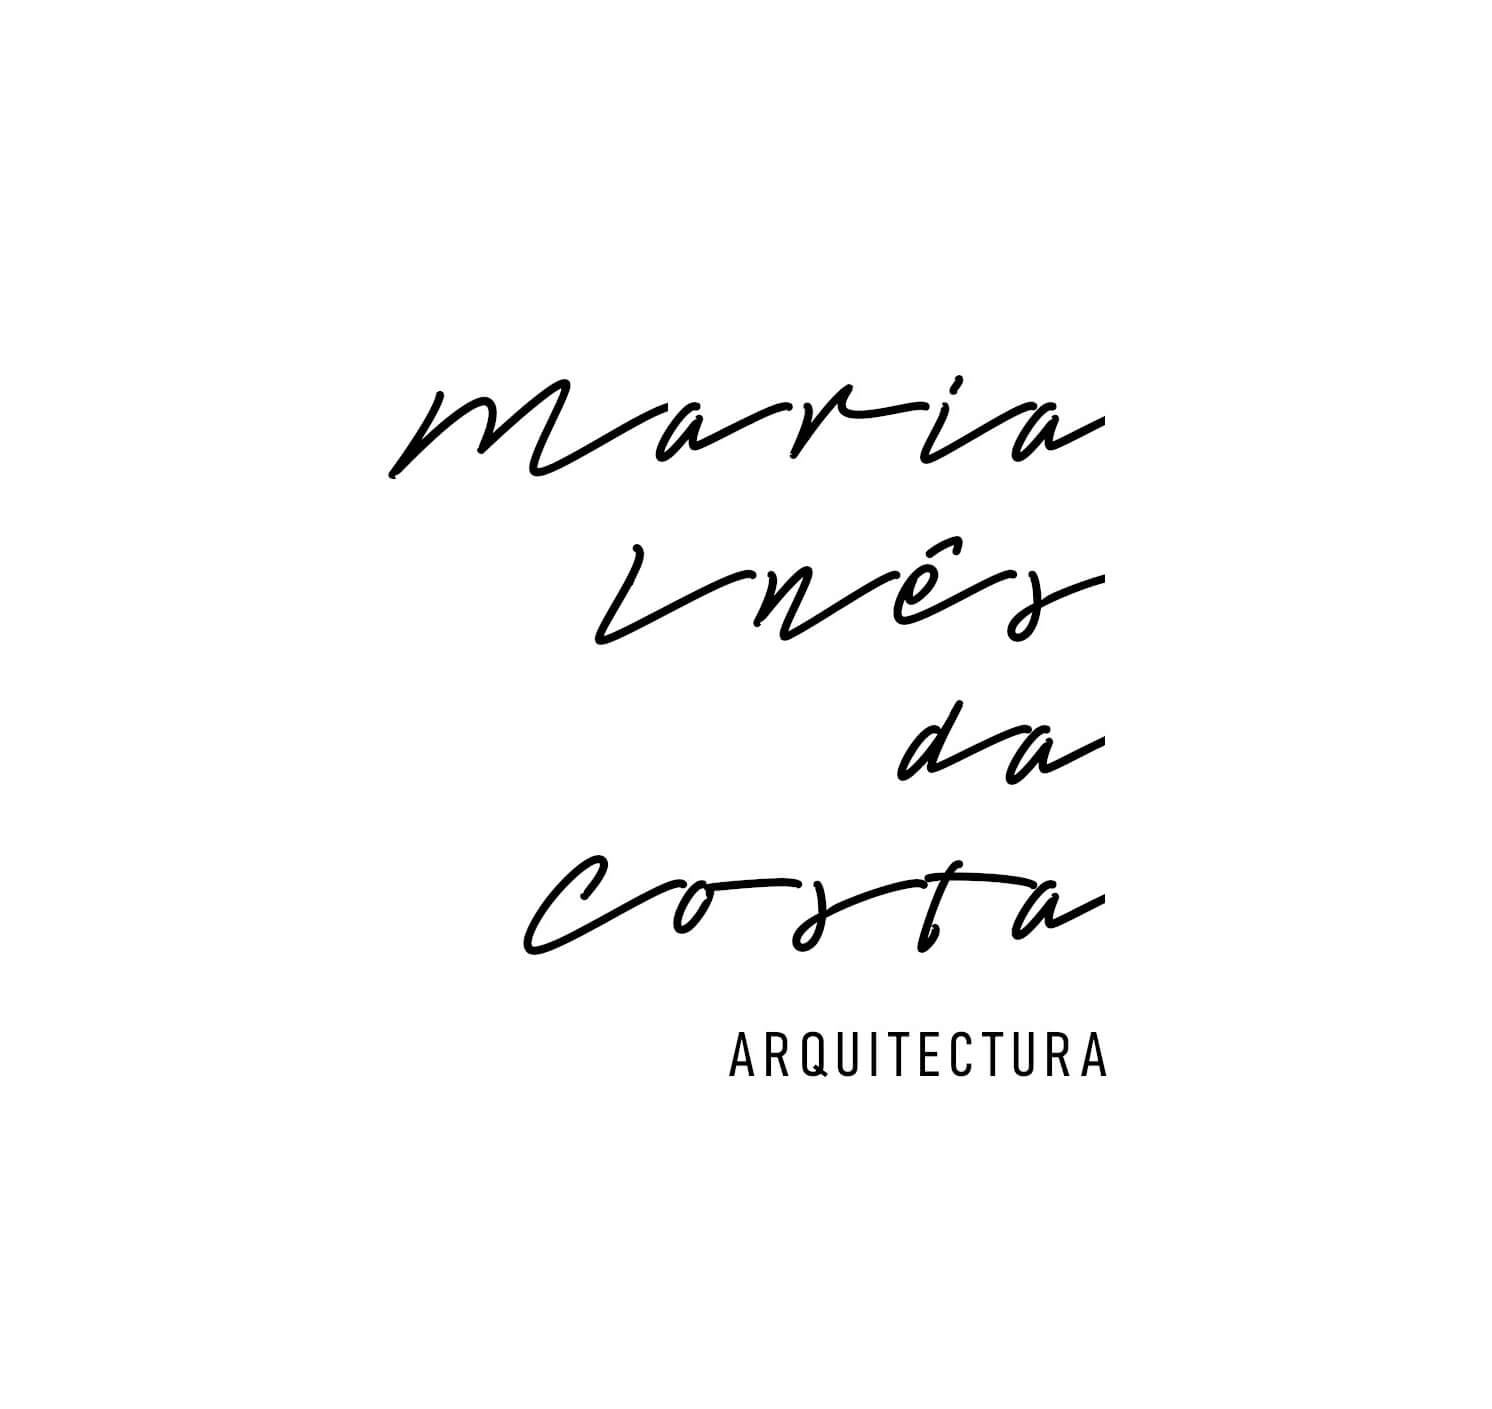 Maria Inês da Costa, Arquitectura